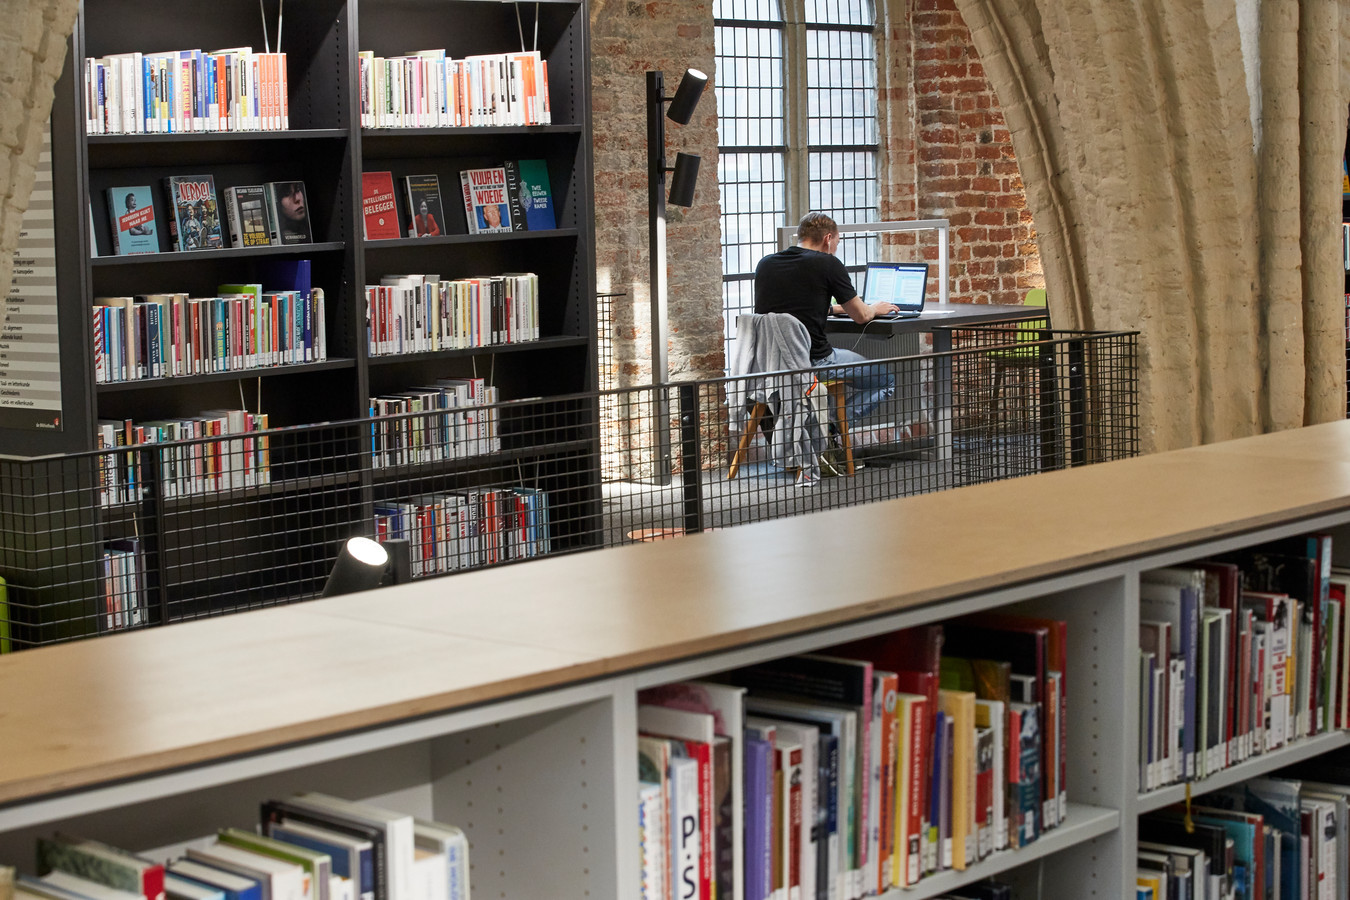 De bibliotheek van Zutphen in de monumentale Broederenkerk zit krap in haar jasje vanwege nieuwe functies die gevraagd worden. Daarom wordt onderzocht of de bieb samen kan gaan werken met andere instellingen bij de Hanzehof aan de Coehoornsingel.